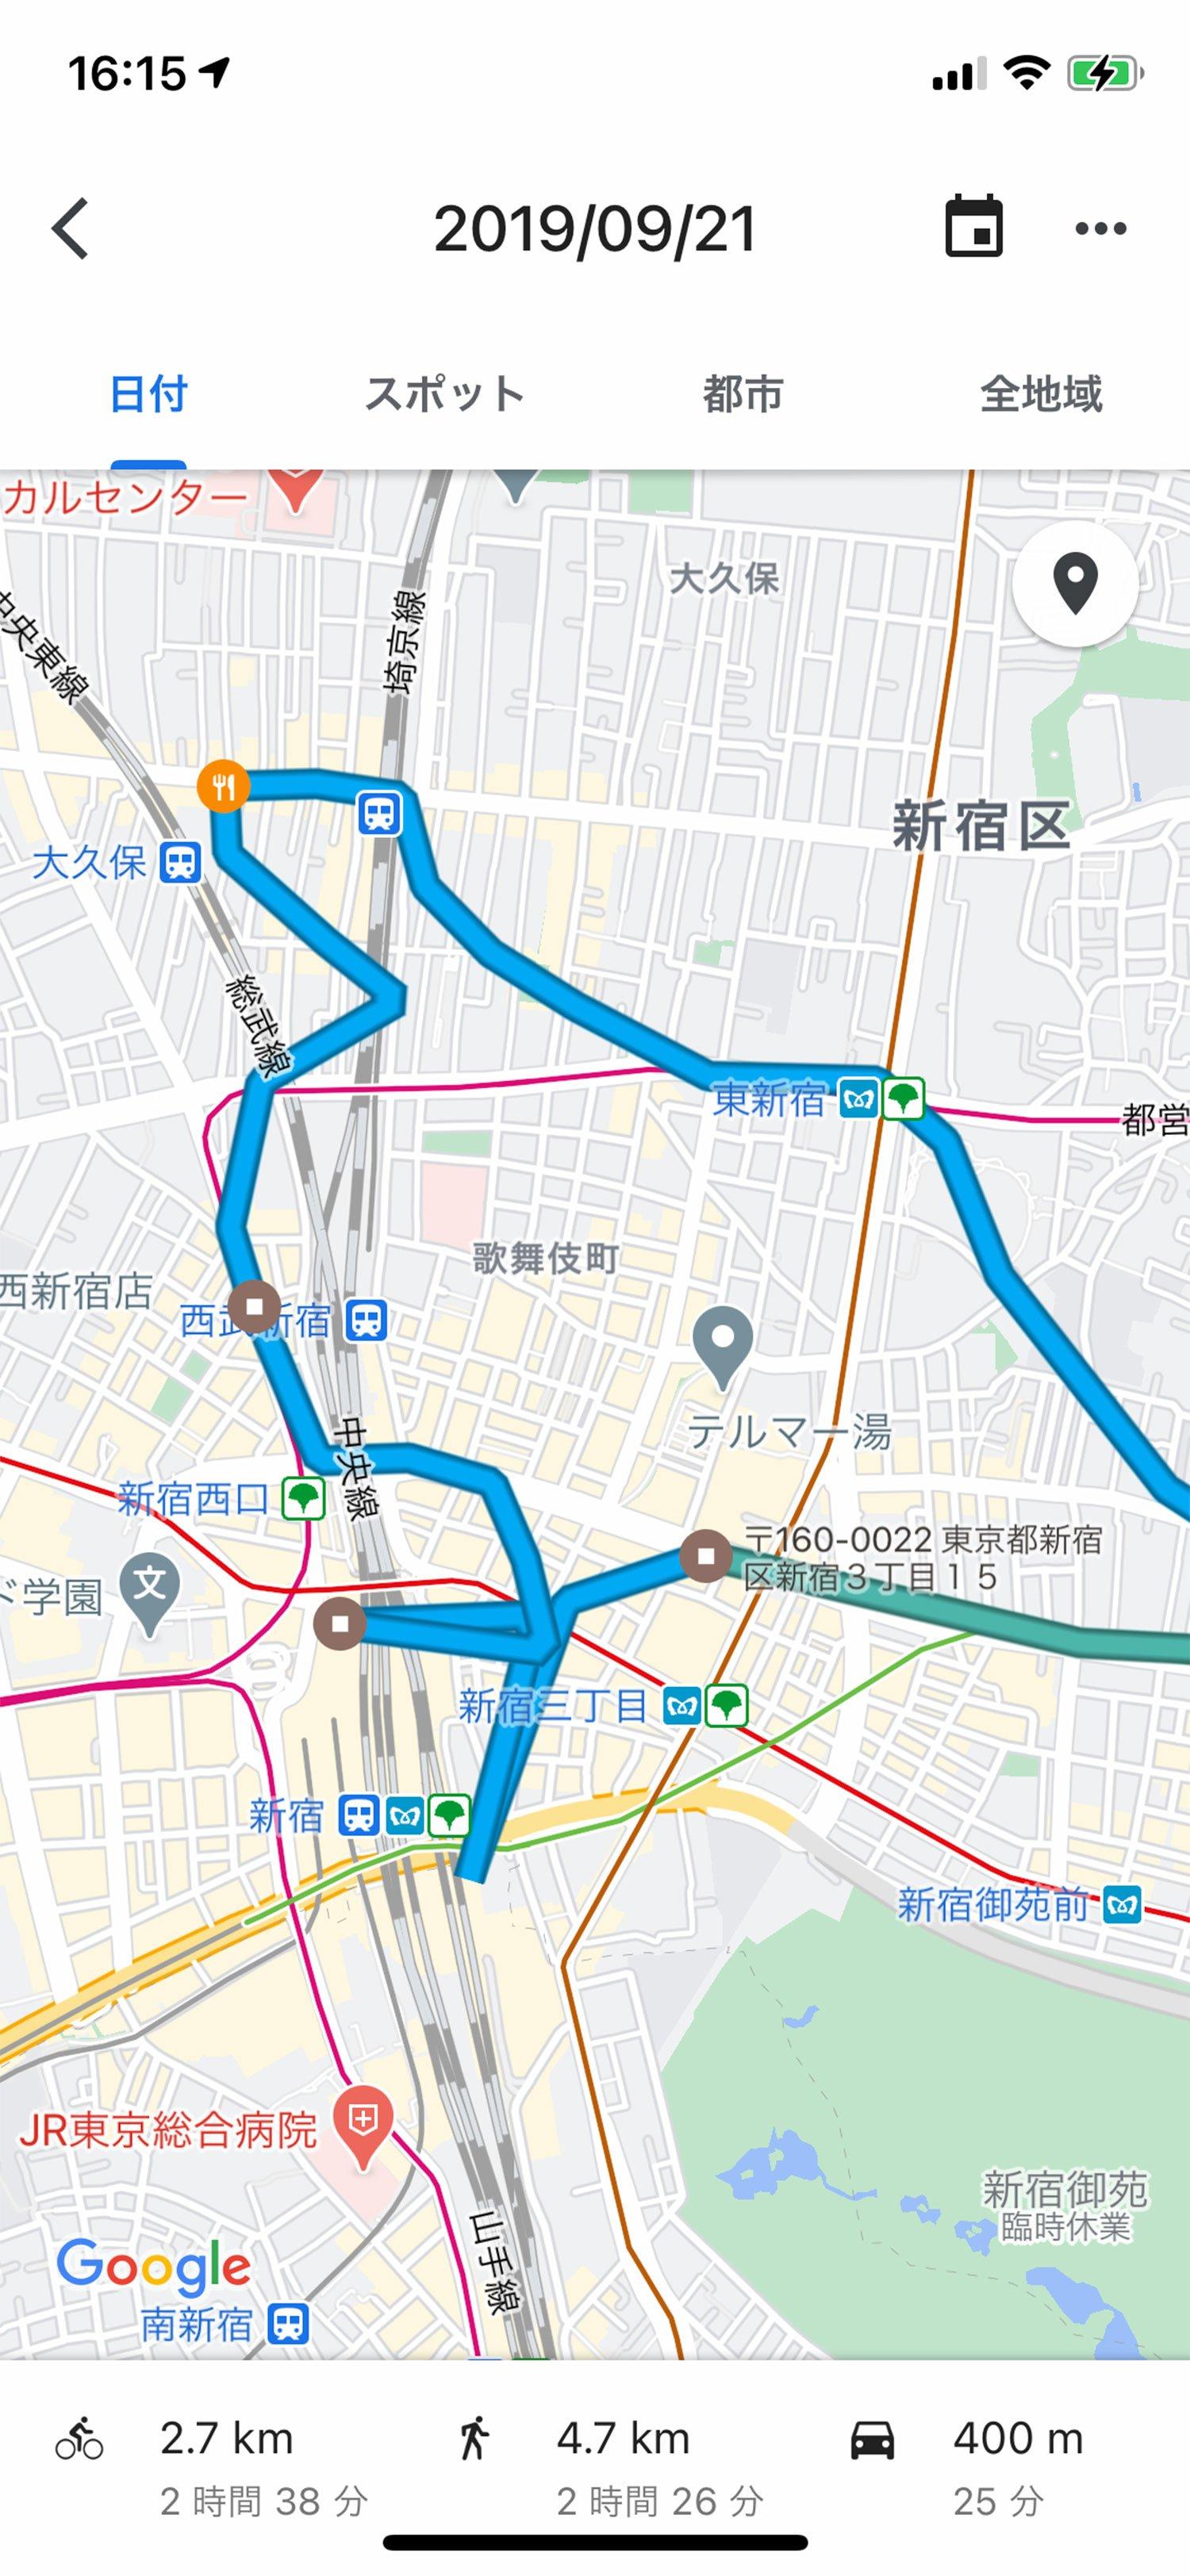 こんな形で移動したルートがGoogle マップ上で自動記録されます!